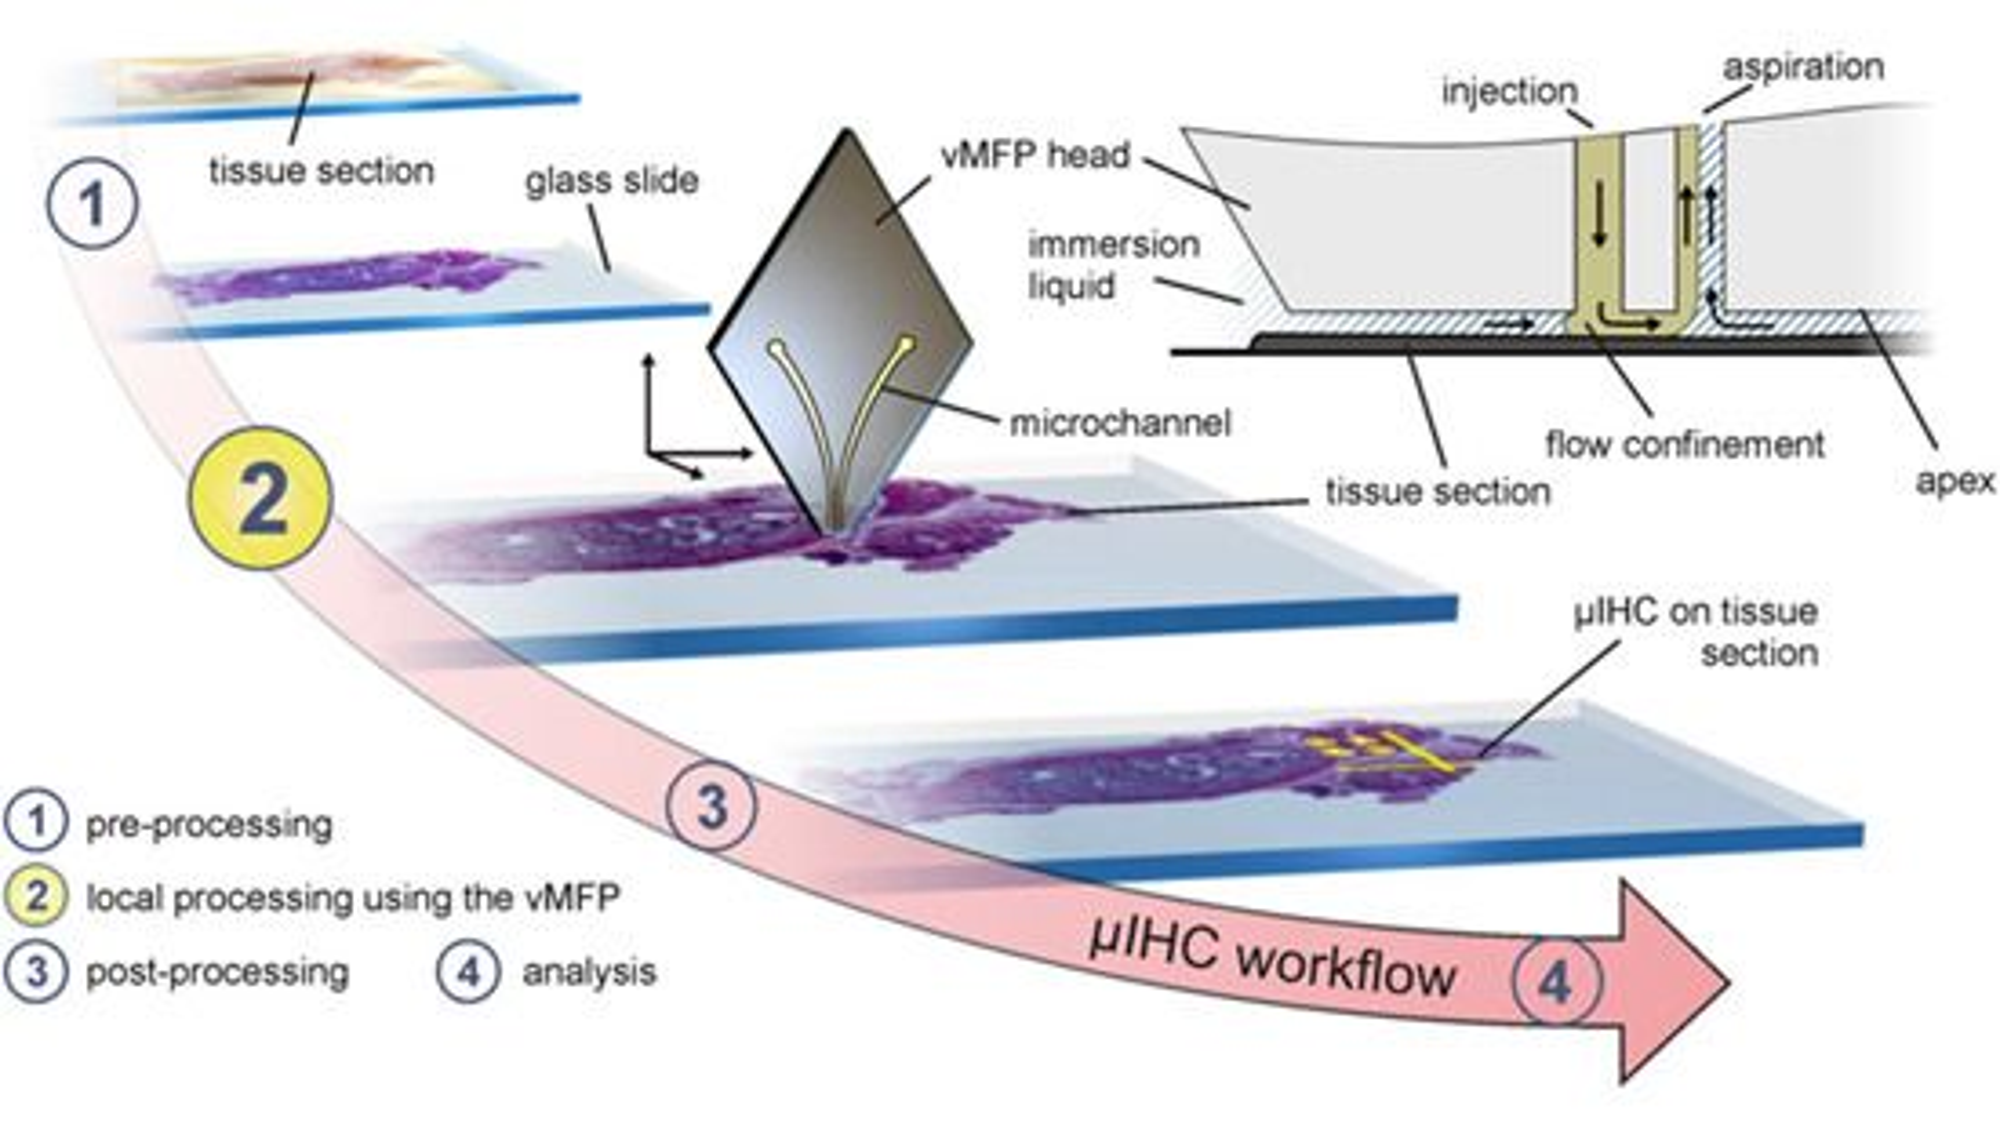 Silisiumsonden, her merket «vMFP» for «vertical microfluidic probe», endrer ikke arbeidsflyten i vevsanalyse etter metoden µIHC, «micro-immunohistochemistry»: Den inngår kun i trinn 2, der antistoffer oppløst i væske tilføres vevsprøven. Skissen øverst til høyre viser den nederste spissen på sonden. Det er aldri fysisk kontakt mellom sonden og vevsprøven: Avstanden styres til mellom 1 og 30 mikrometer, slik at det alltid er en væske («immersion liquid») mellom vev og sonde. Væske med antistoffer (angitt i grønt) føres ned mot vevet gjennom den ene mikrokanalen i sonden, og suges opp, sammen med væsken som vevsprøven bader i, gjennom den andre mikrokanalen. Slik sørger man for at antistoffer kun kommer i kontakt med en svært liten del av vevsprøven. I trinn 3 utsettes prøven for væsker som synliggjør vevets reaksjon på antistoffene. I trinn 4 analyseres vevet under mikroskop.